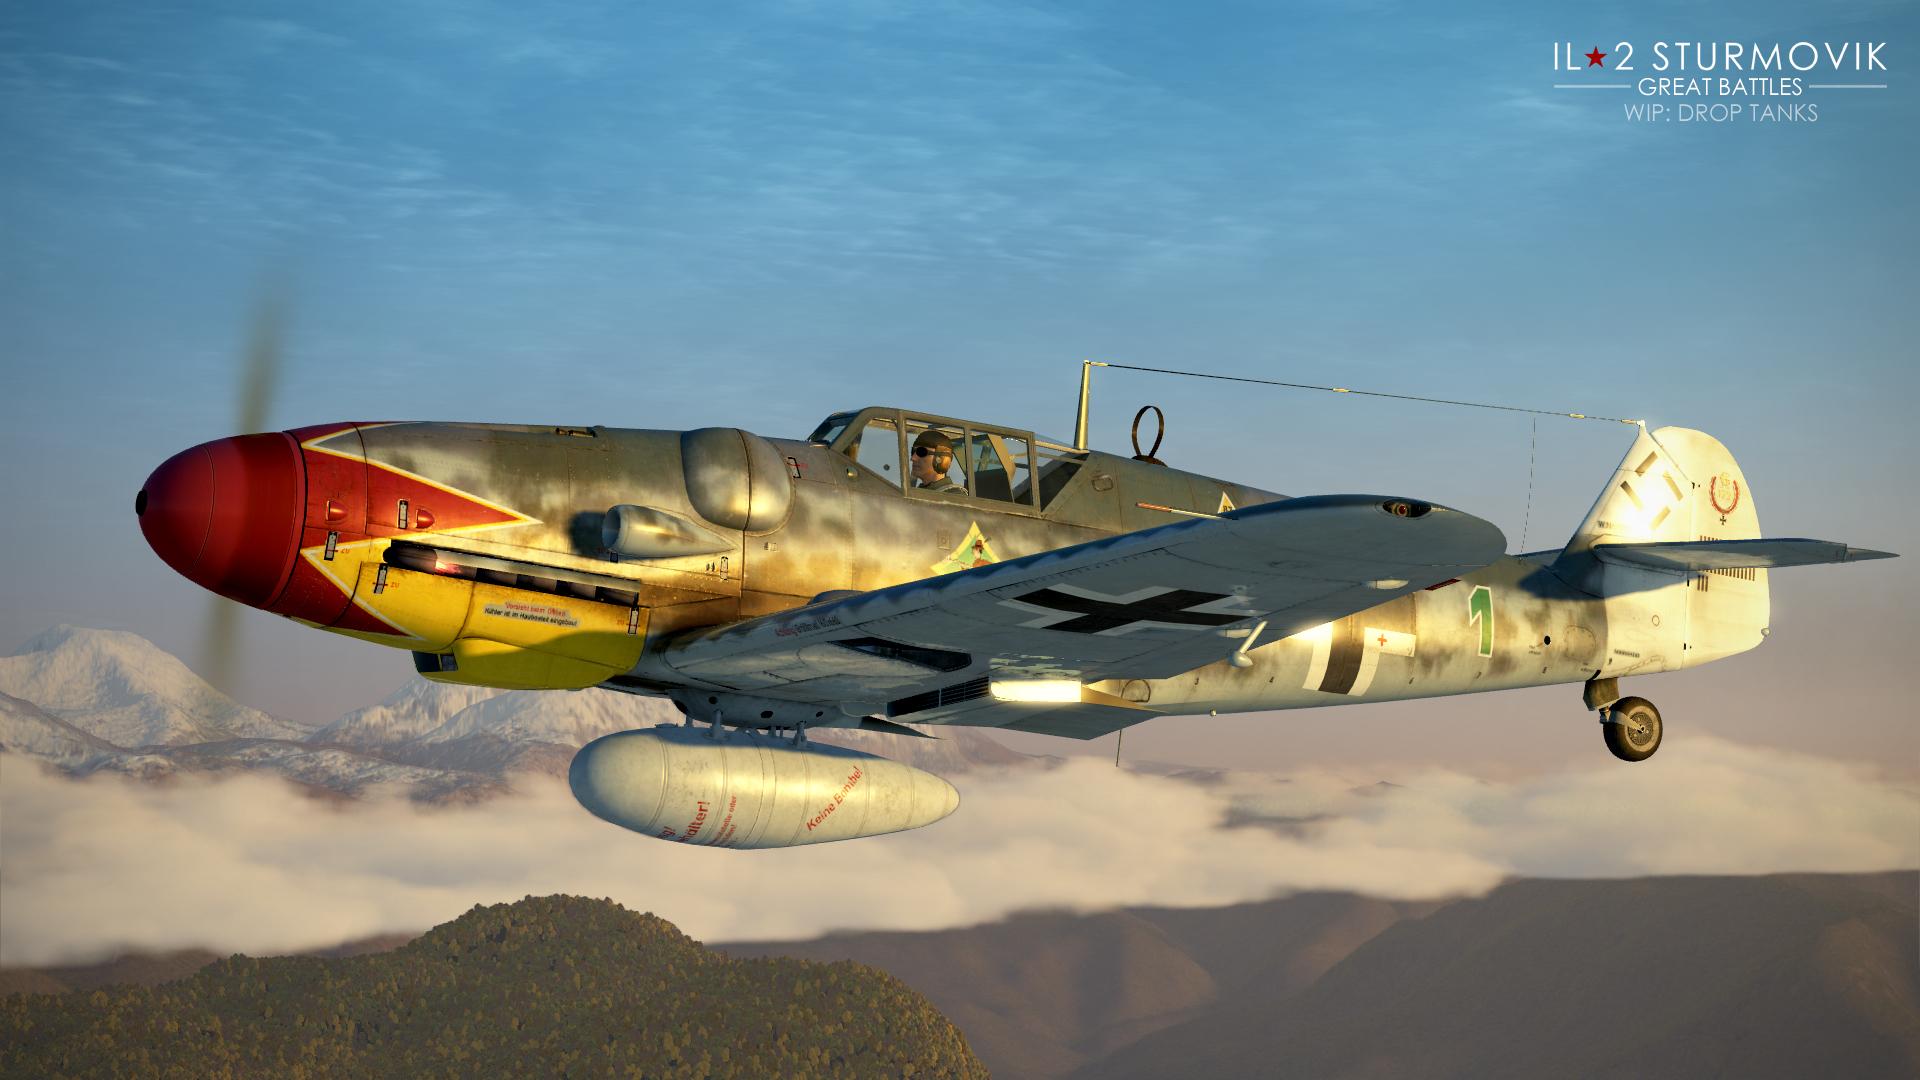 Escadrille CCG - Accueil Drop_Tanks_01.jpg.a4e1ff60d2d206cf14ffdef0f46f61c8